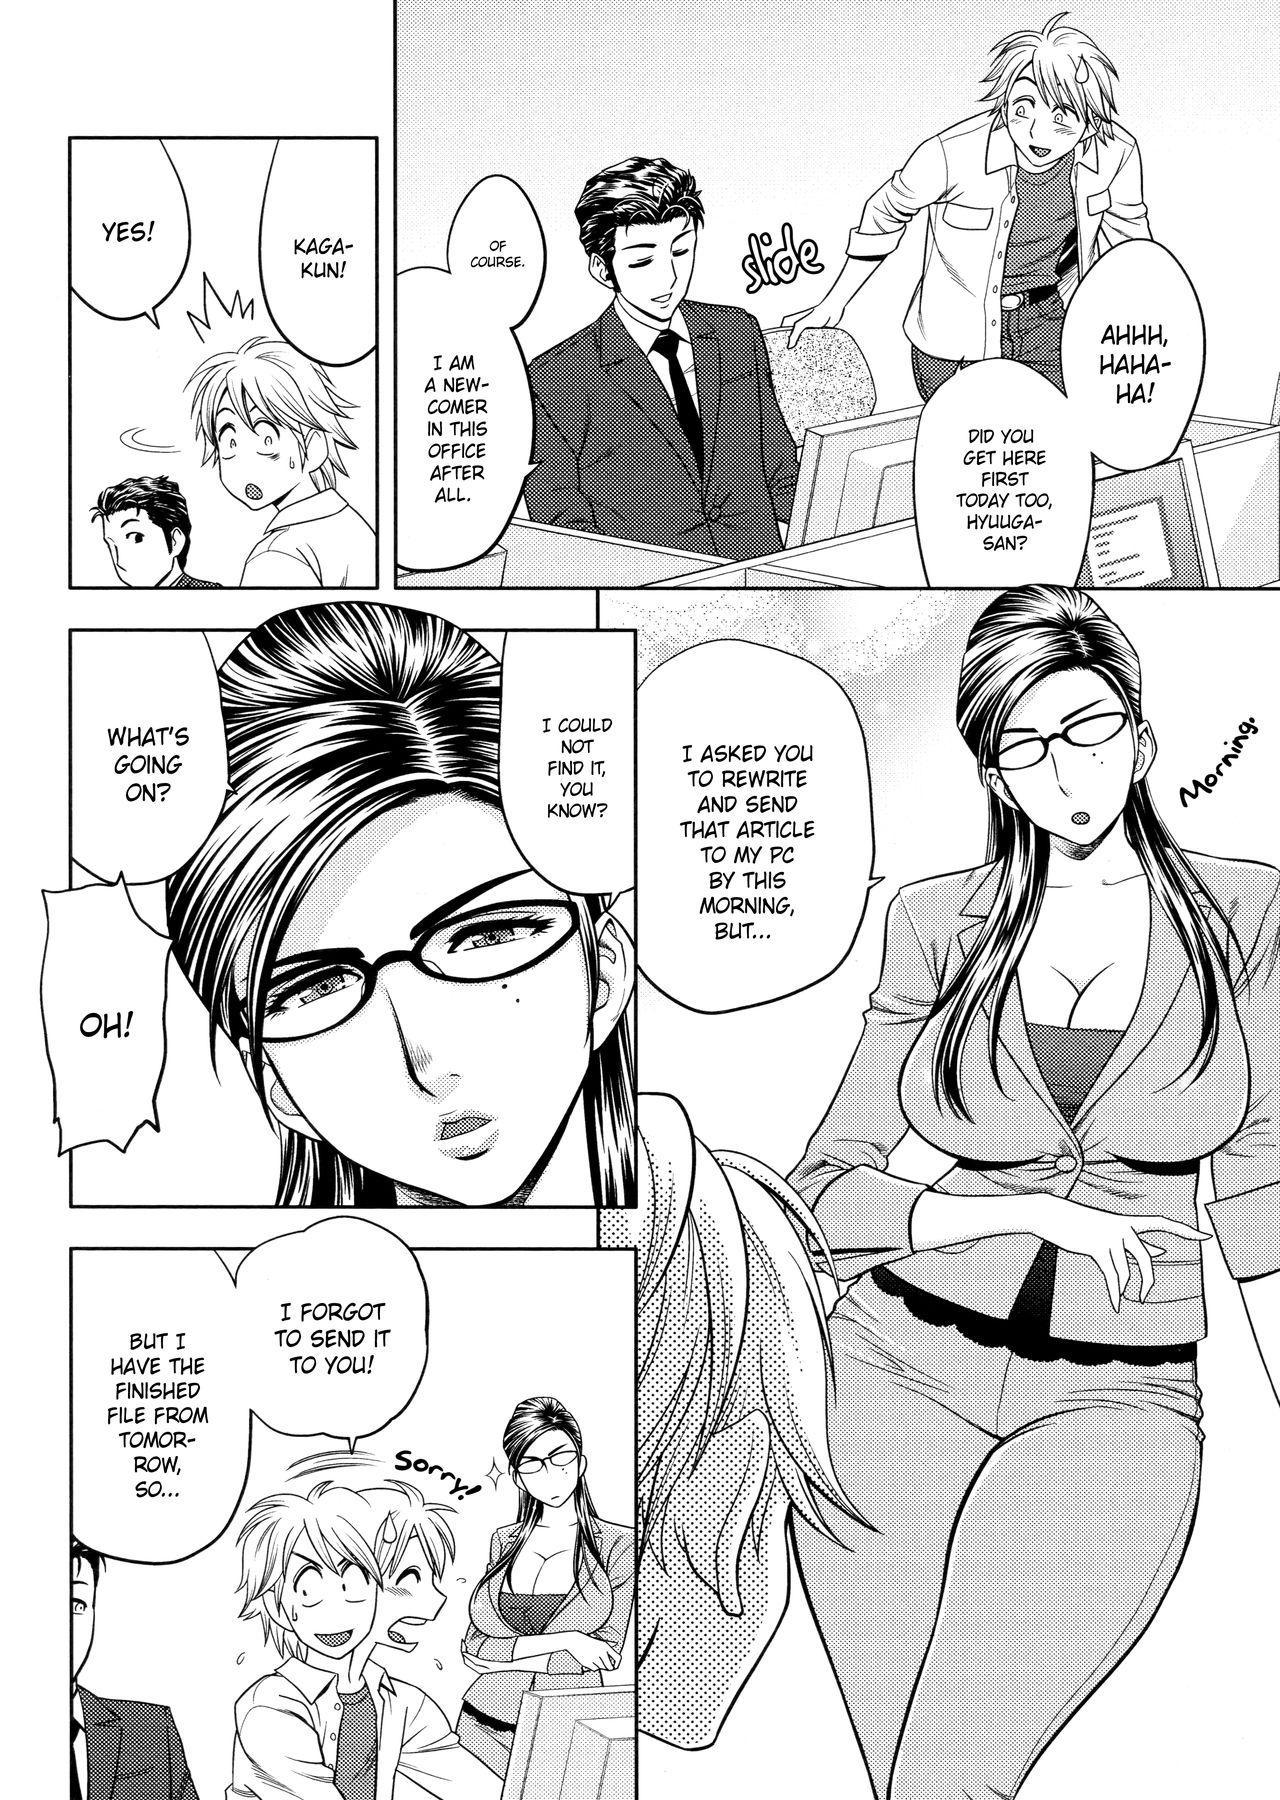 [Tatsunami Youtoku, Yamazaki Masato] Bijin Henshuu-chou no Himitsu | Beautiful Editor-in-Chief's Secret Ch. 1-5 [English] [Forbiddenfetish77, Red Vodka, Crystalium] [Decensored] 69